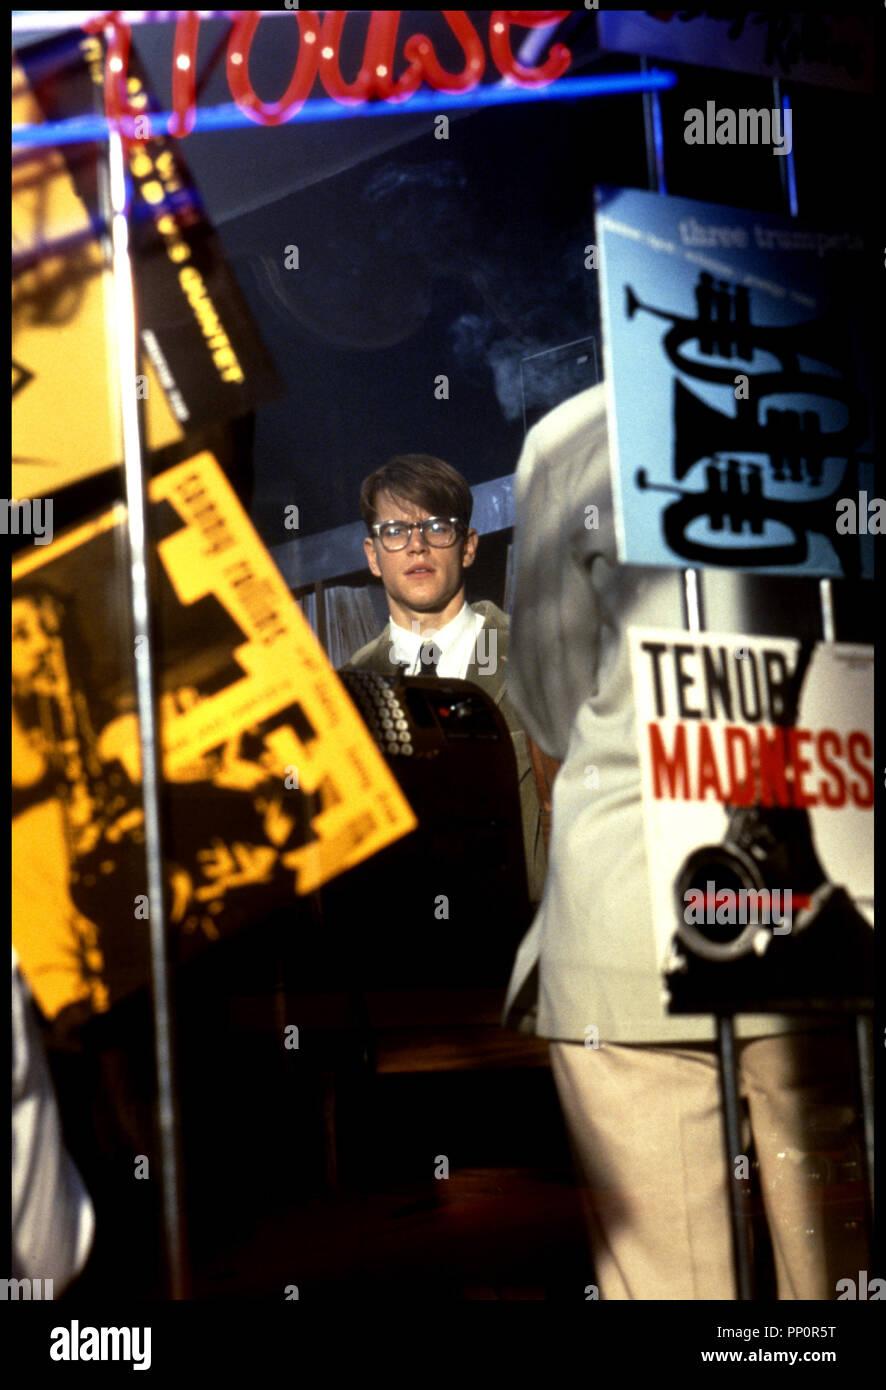 Prod DB © Paramount / DR Le talentueux Monsieur Ripley (Le talentueux Mr Ripley) de Anthony Minghella 1999 USA avec Matt Damon d'aprÂs le roman de Patricia Highsmith Photo Stock